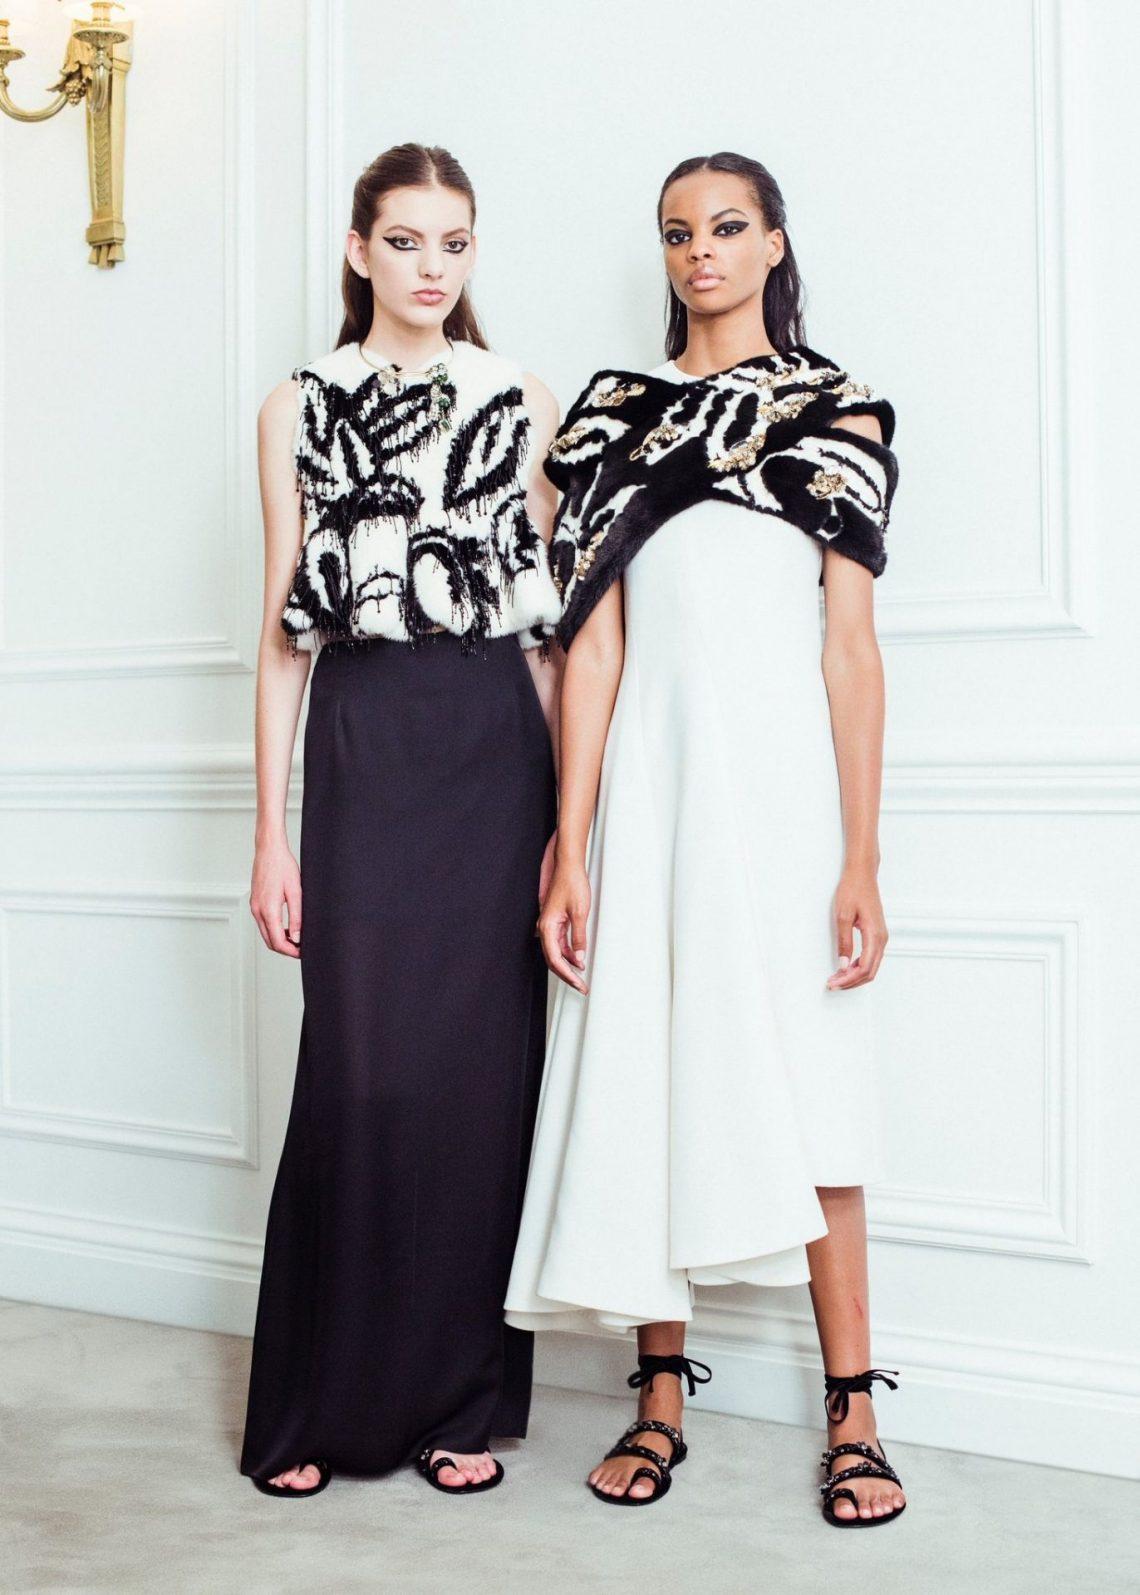 Dior confirma a Maria Grazia como Directora Creativa, la primera mujer en su historia